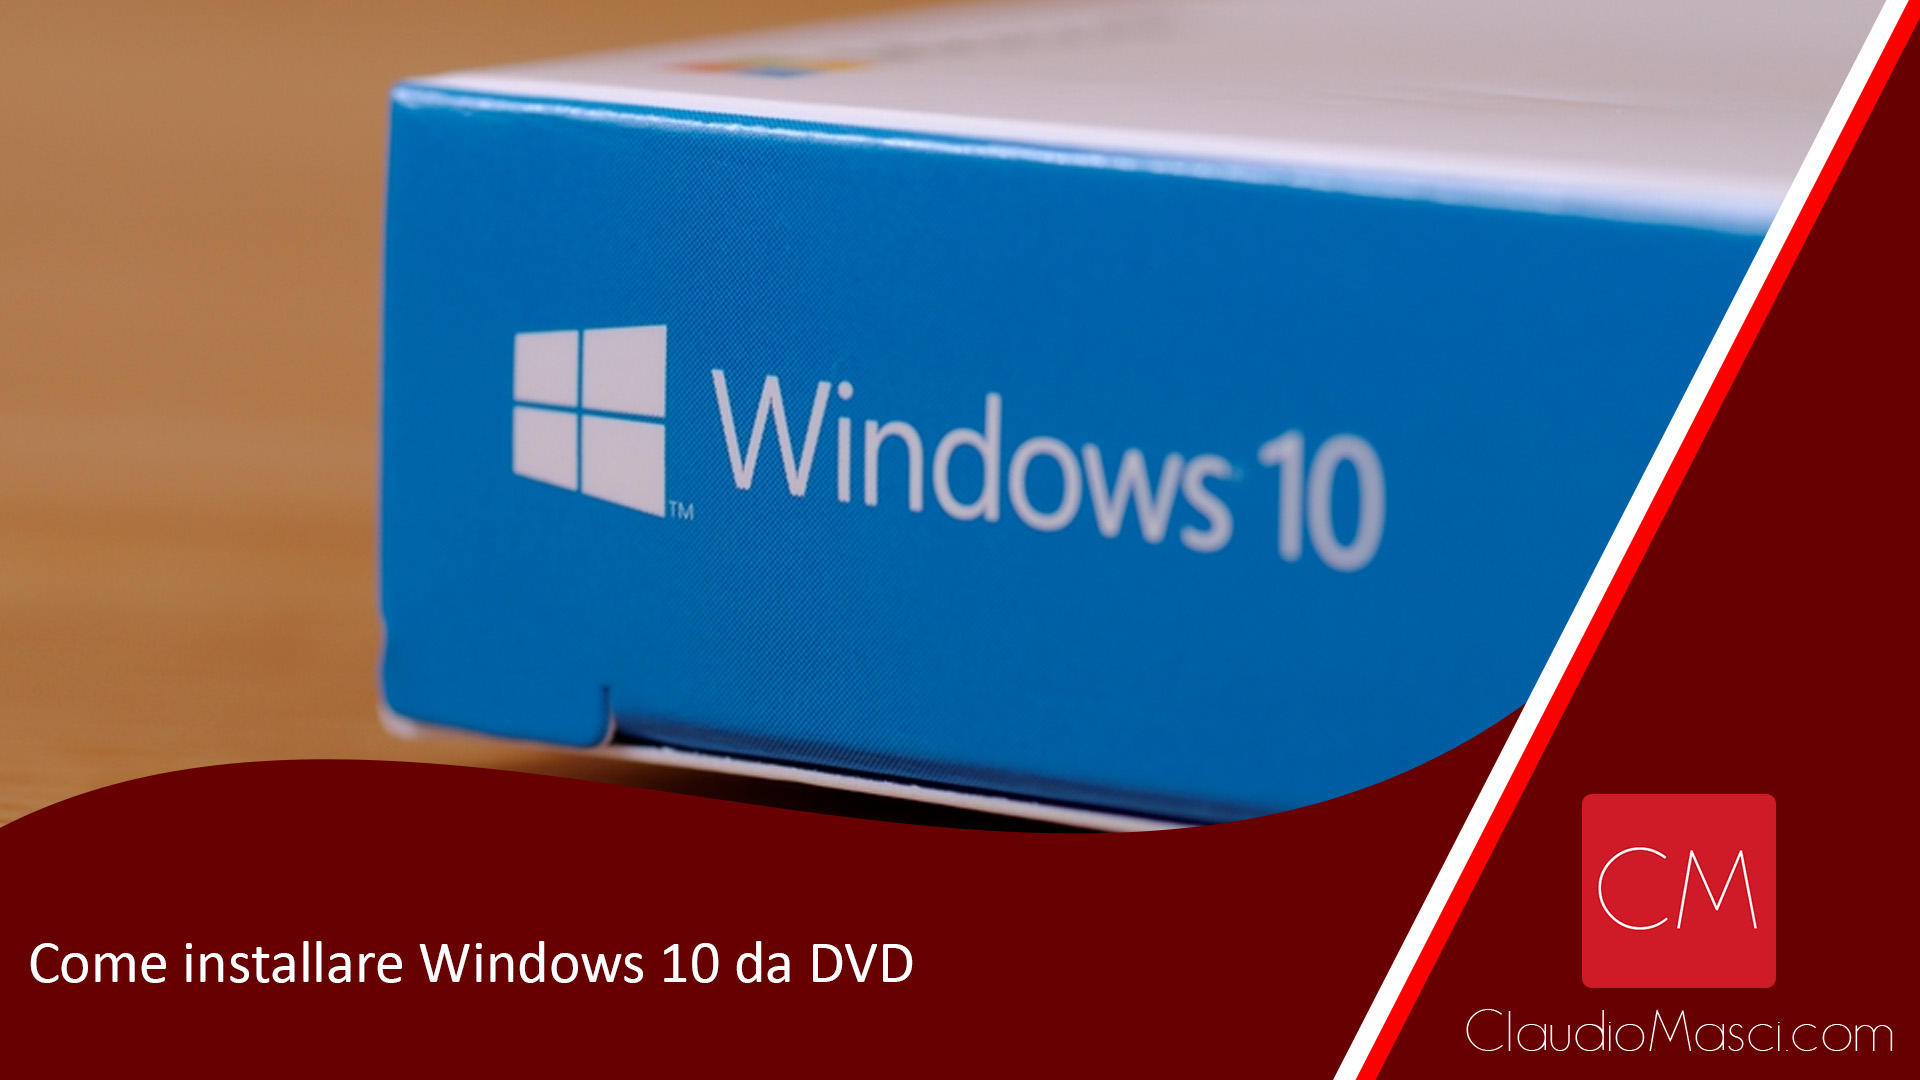 Come installare Windows 10 da DVD